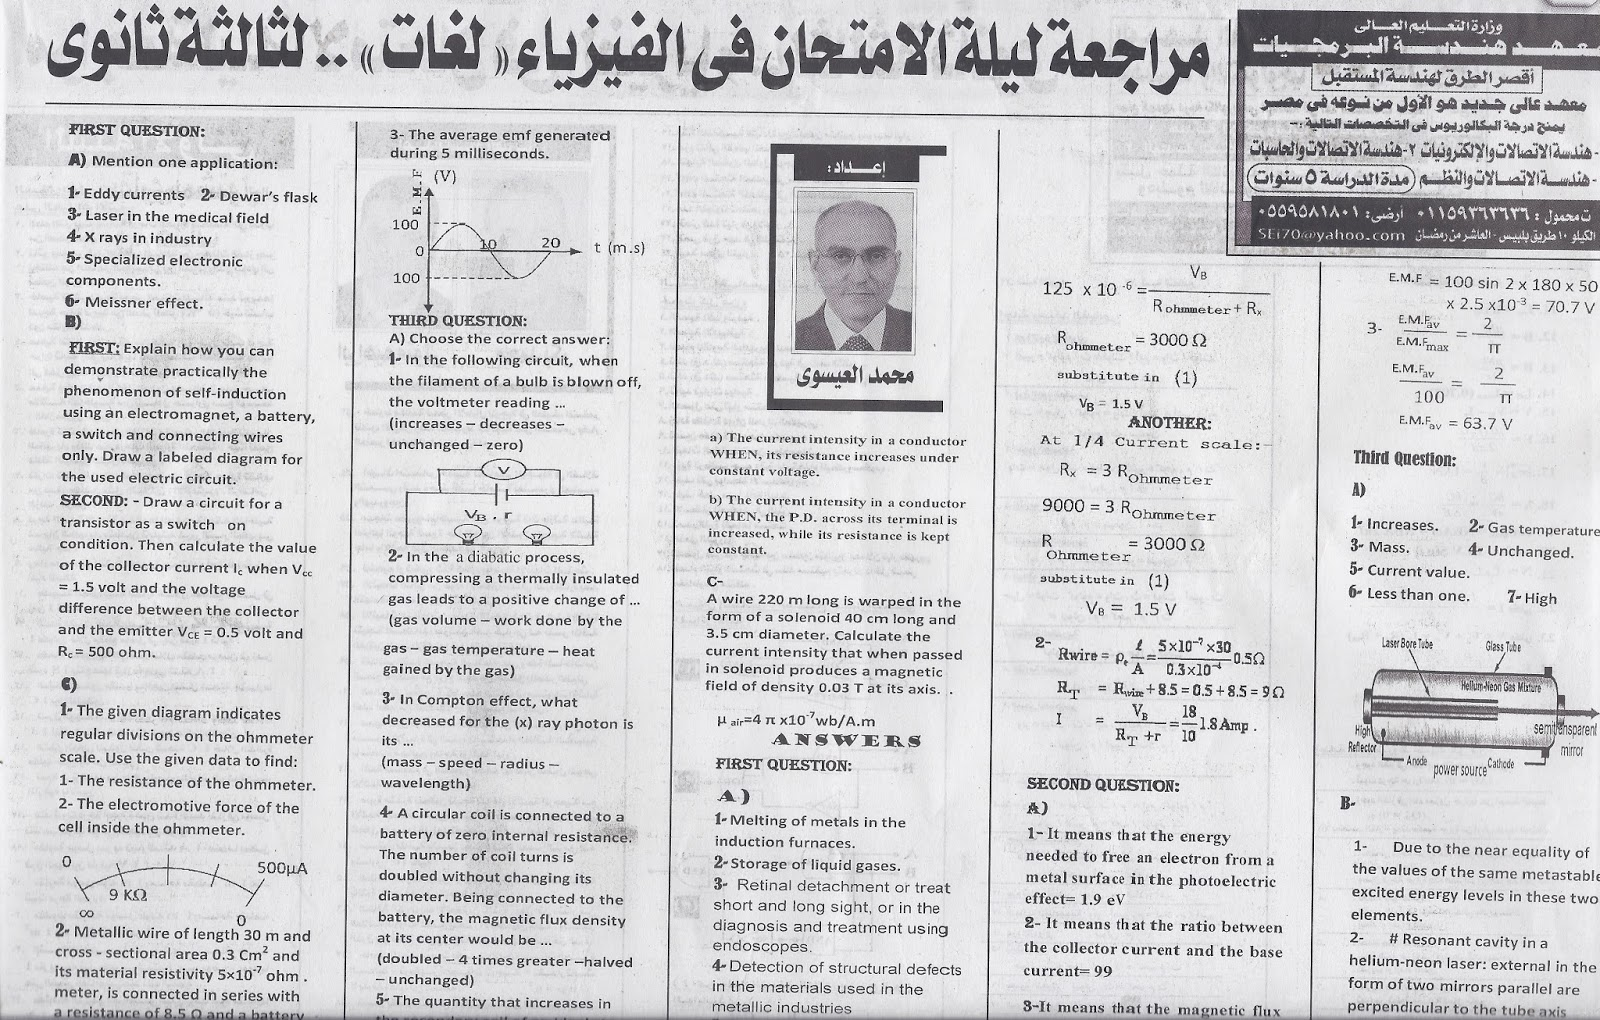 نشر اول واقوى مراجعة فيزياء من اربع مراجعات ينشرها ملحق الجمهورية للثانوية العامة 2015 Scan0014